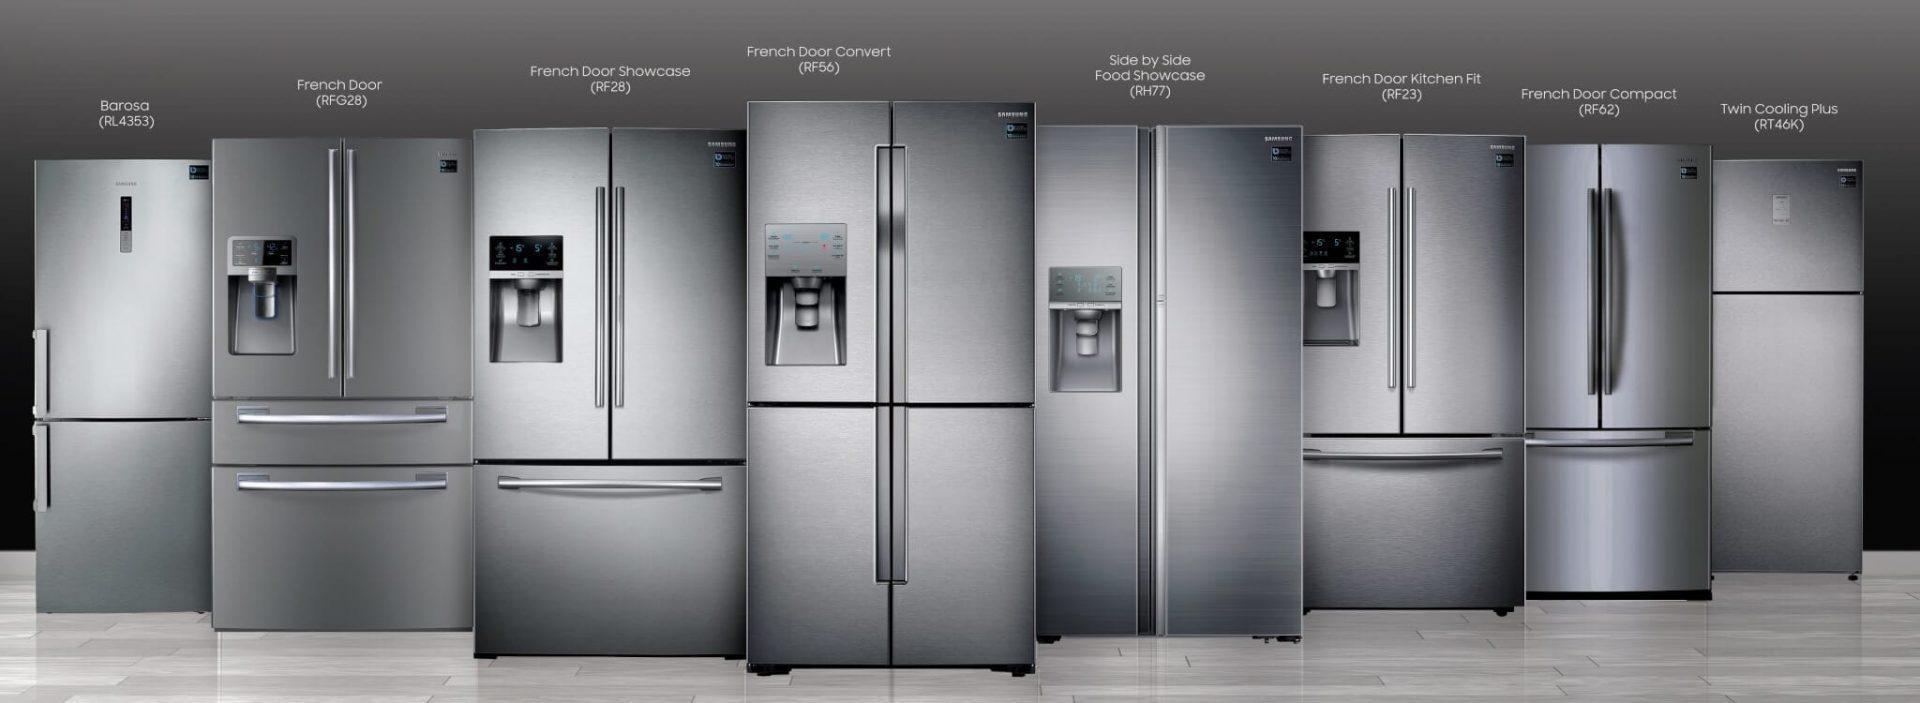 Conheça os refrigeradores samsung que são ideais para a sua cozinha